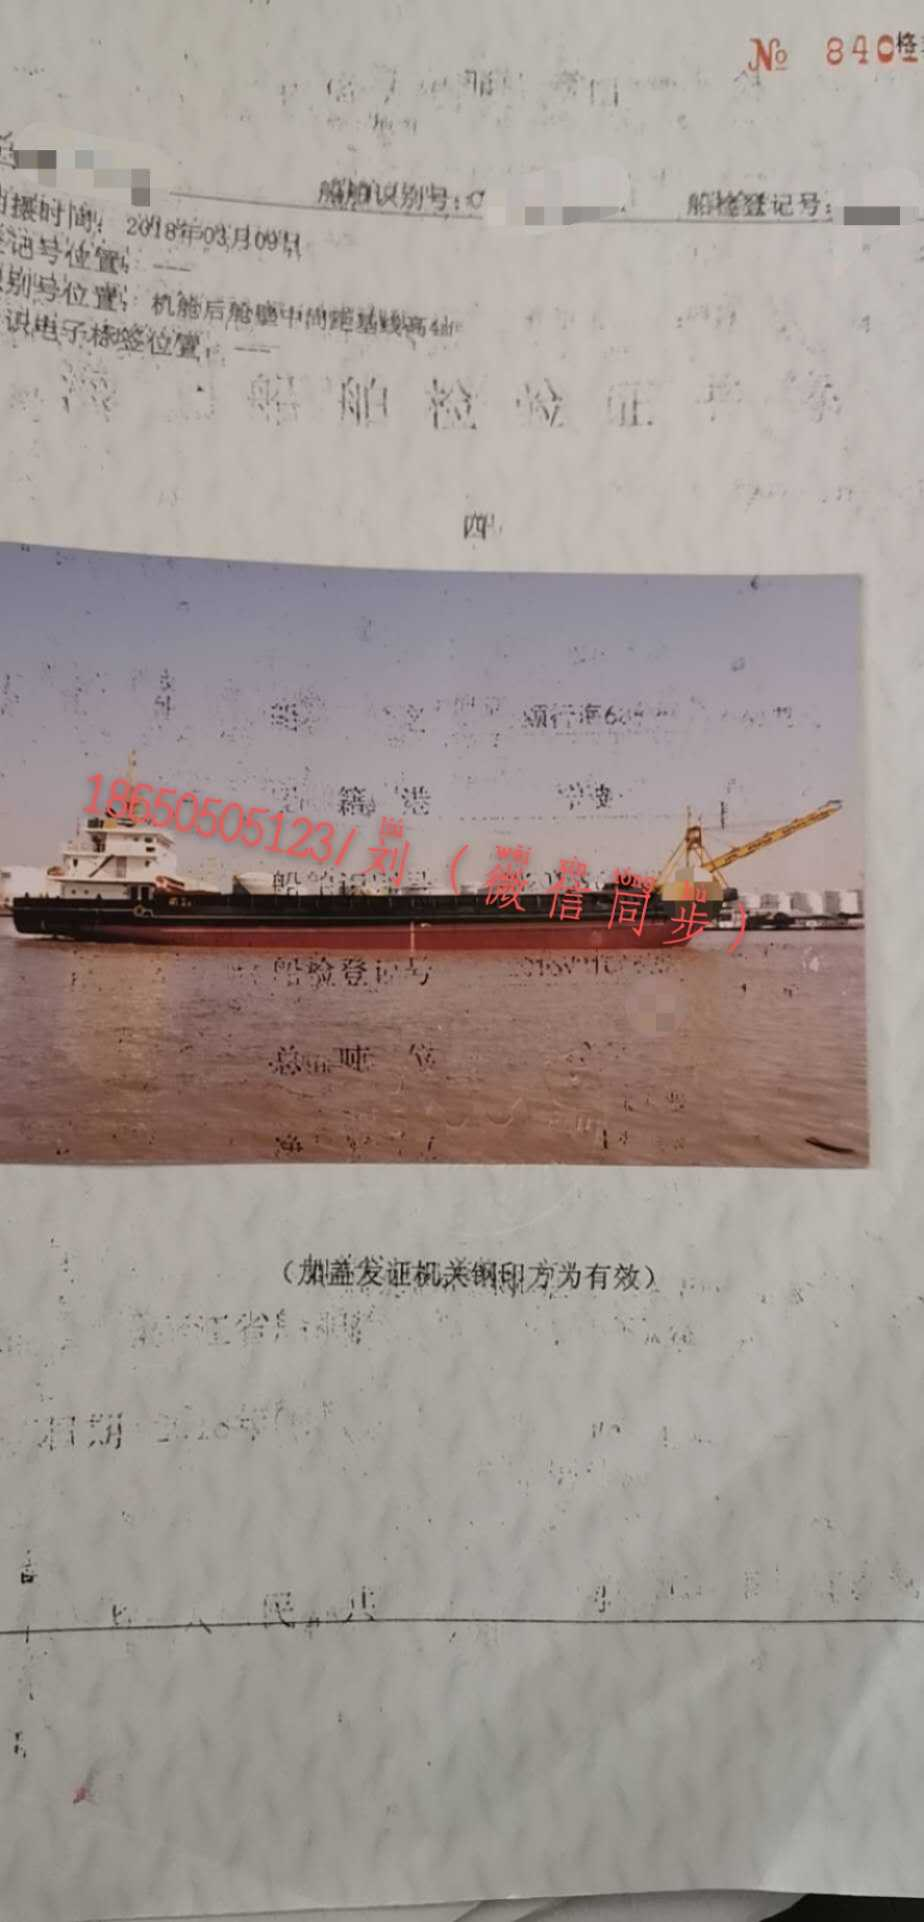 出售4000吨沿海皮带船